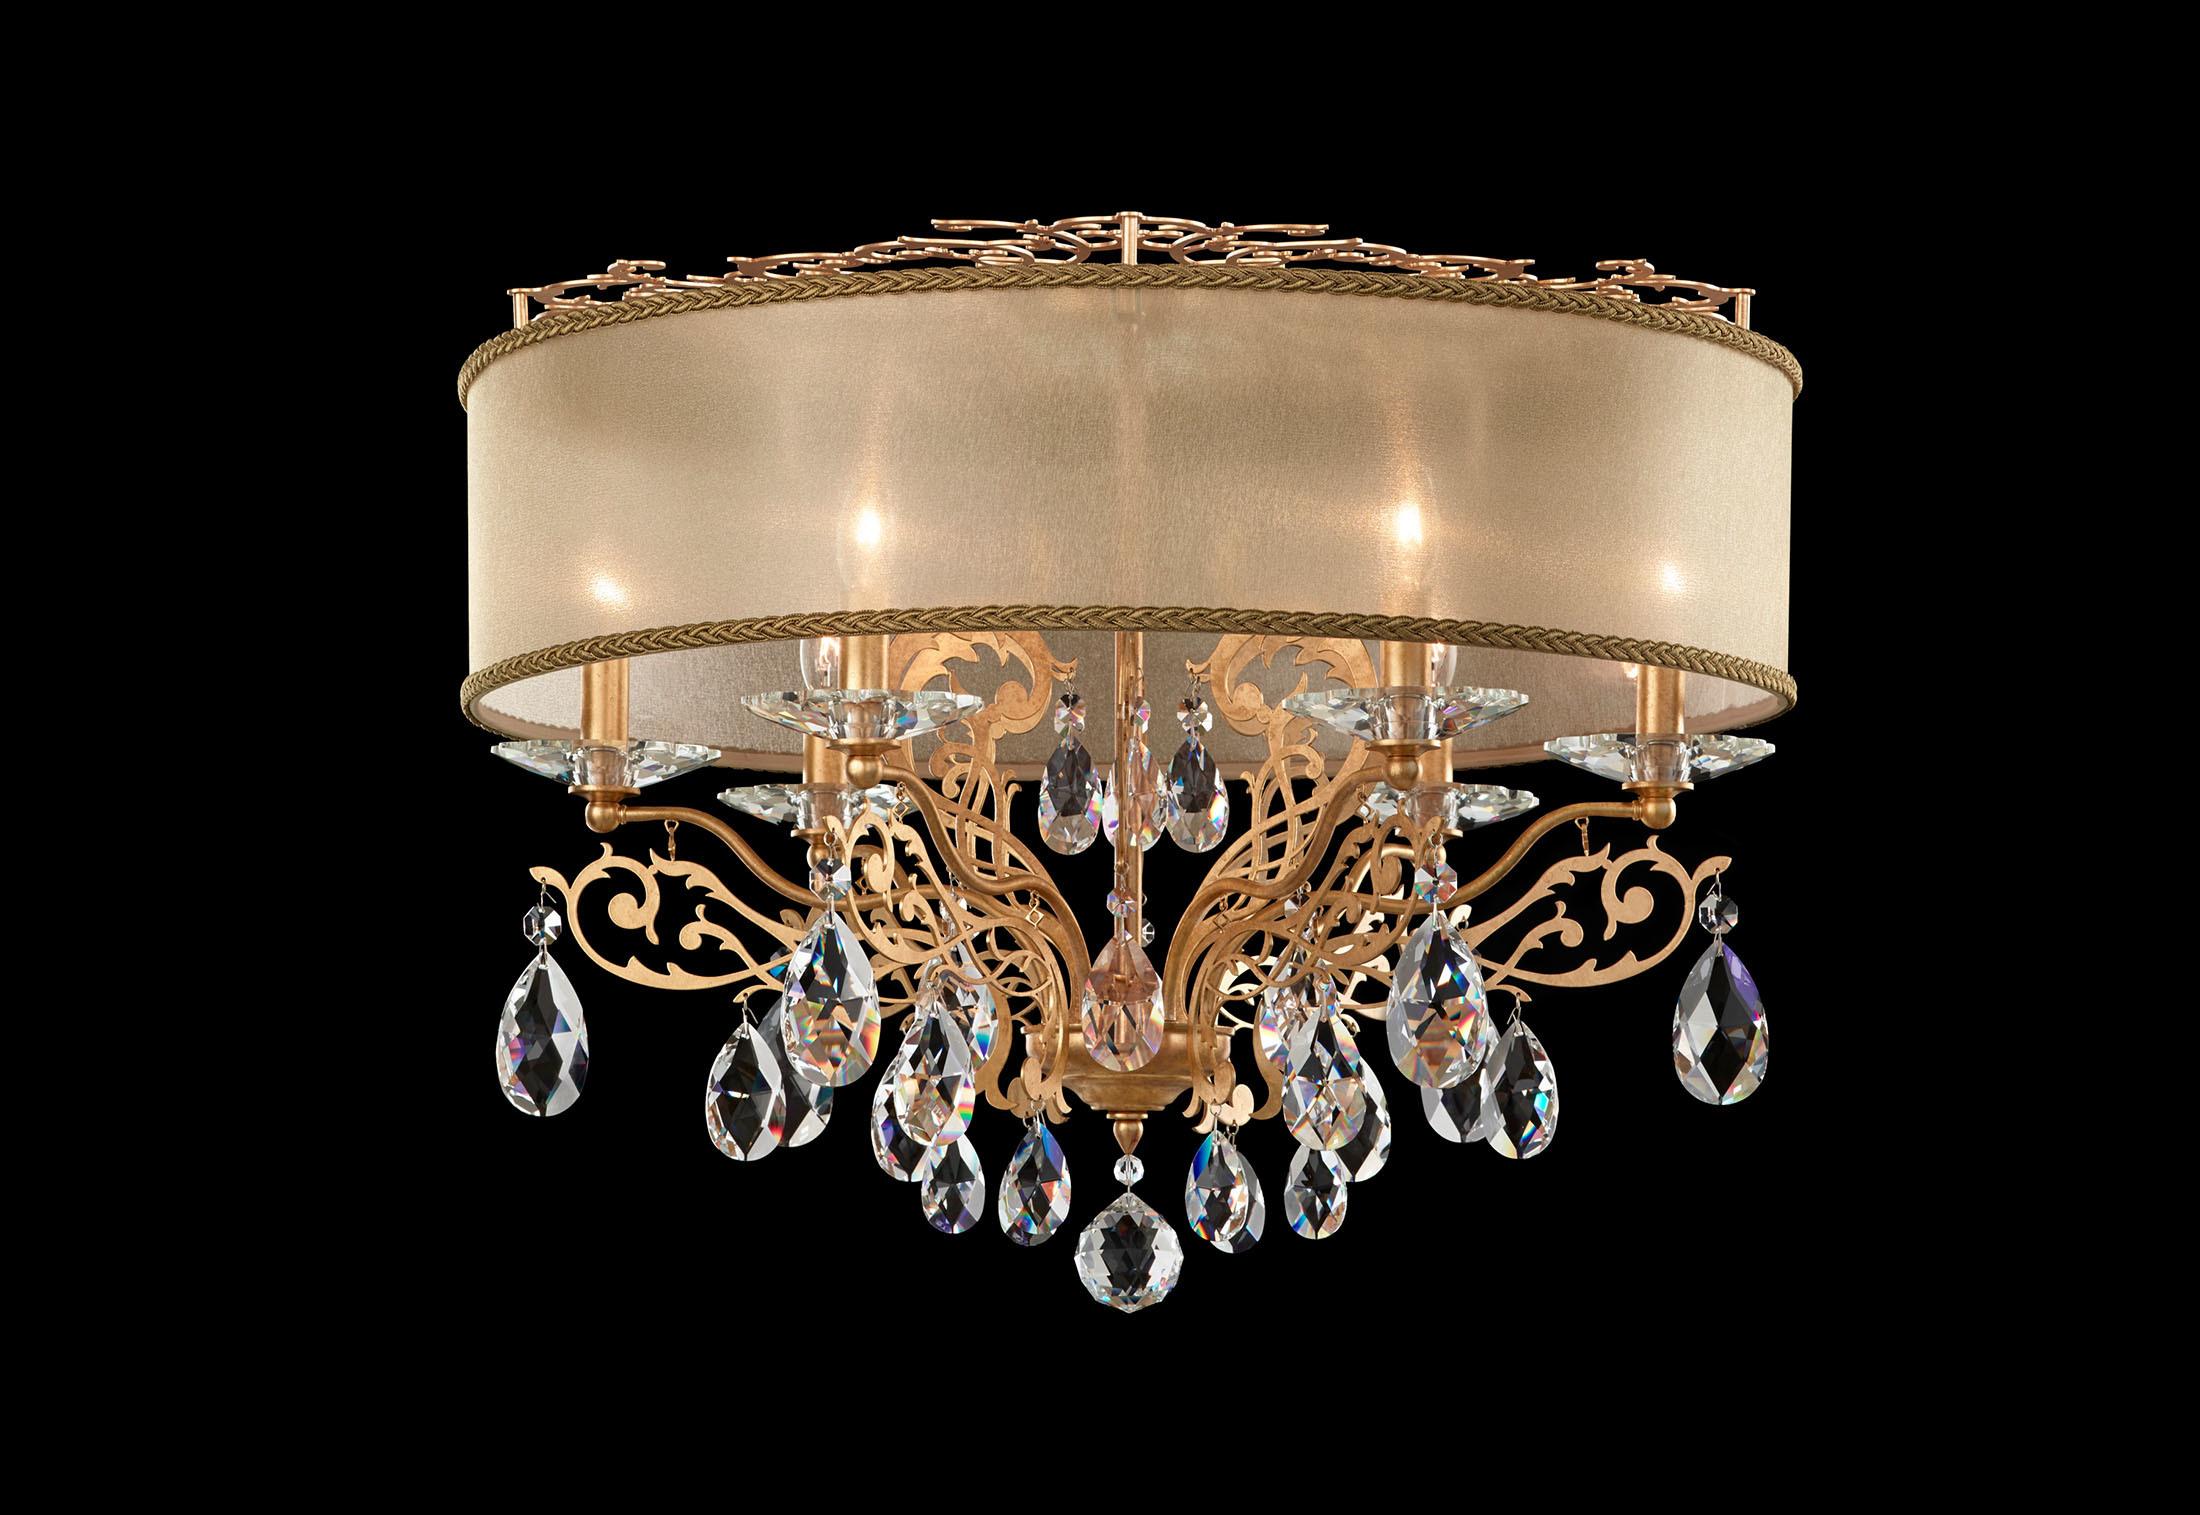 Kronleuchter Mit Lampenschirm ~ Kronleuchter mit lampenschirm baycheer e hängeleuchte glas